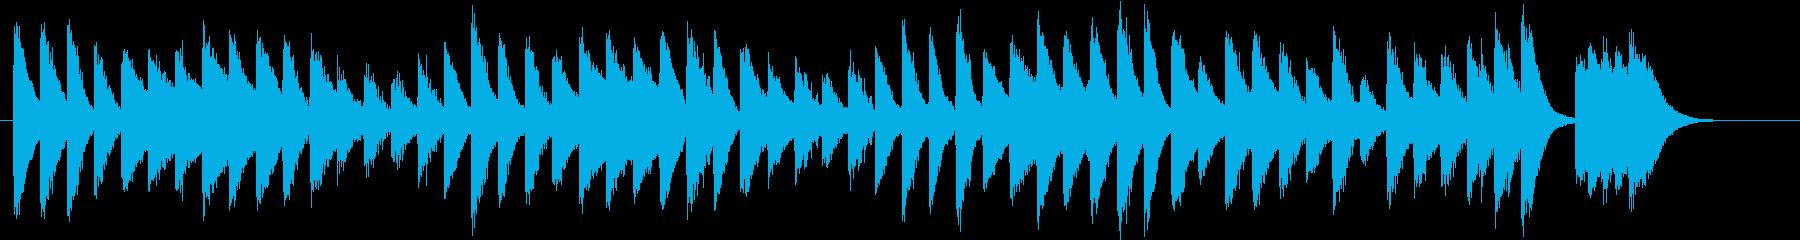 元気でワンパクなワクワク春ピアノジングルの再生済みの波形